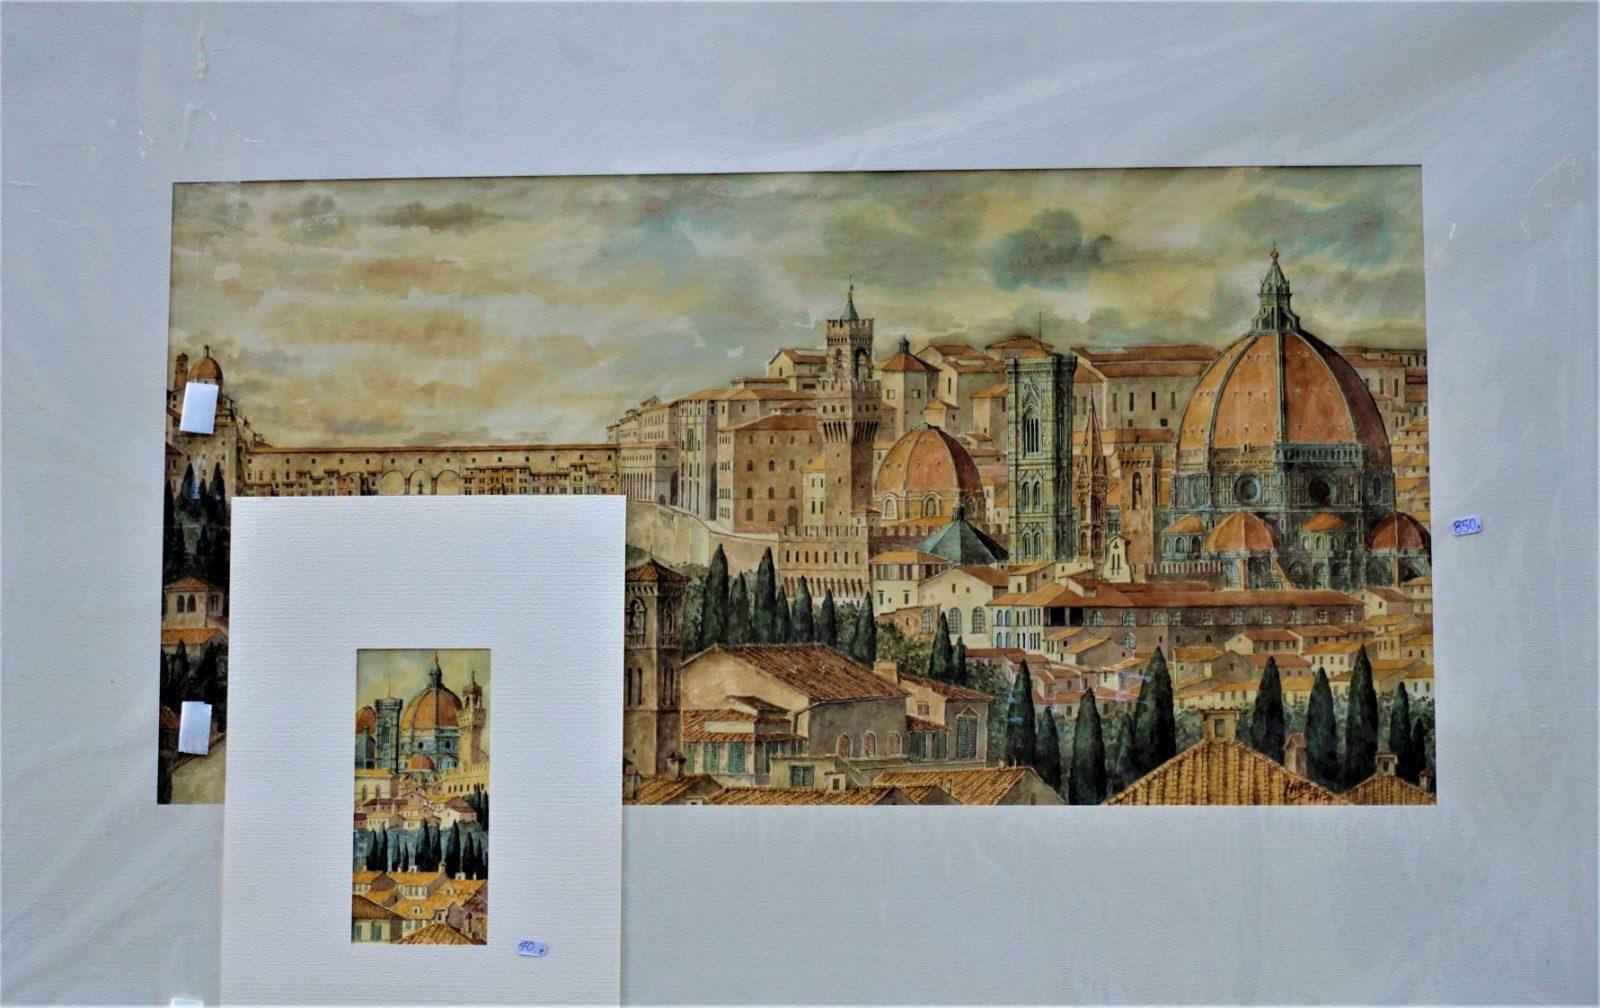 Kunsttegning fra Firenze